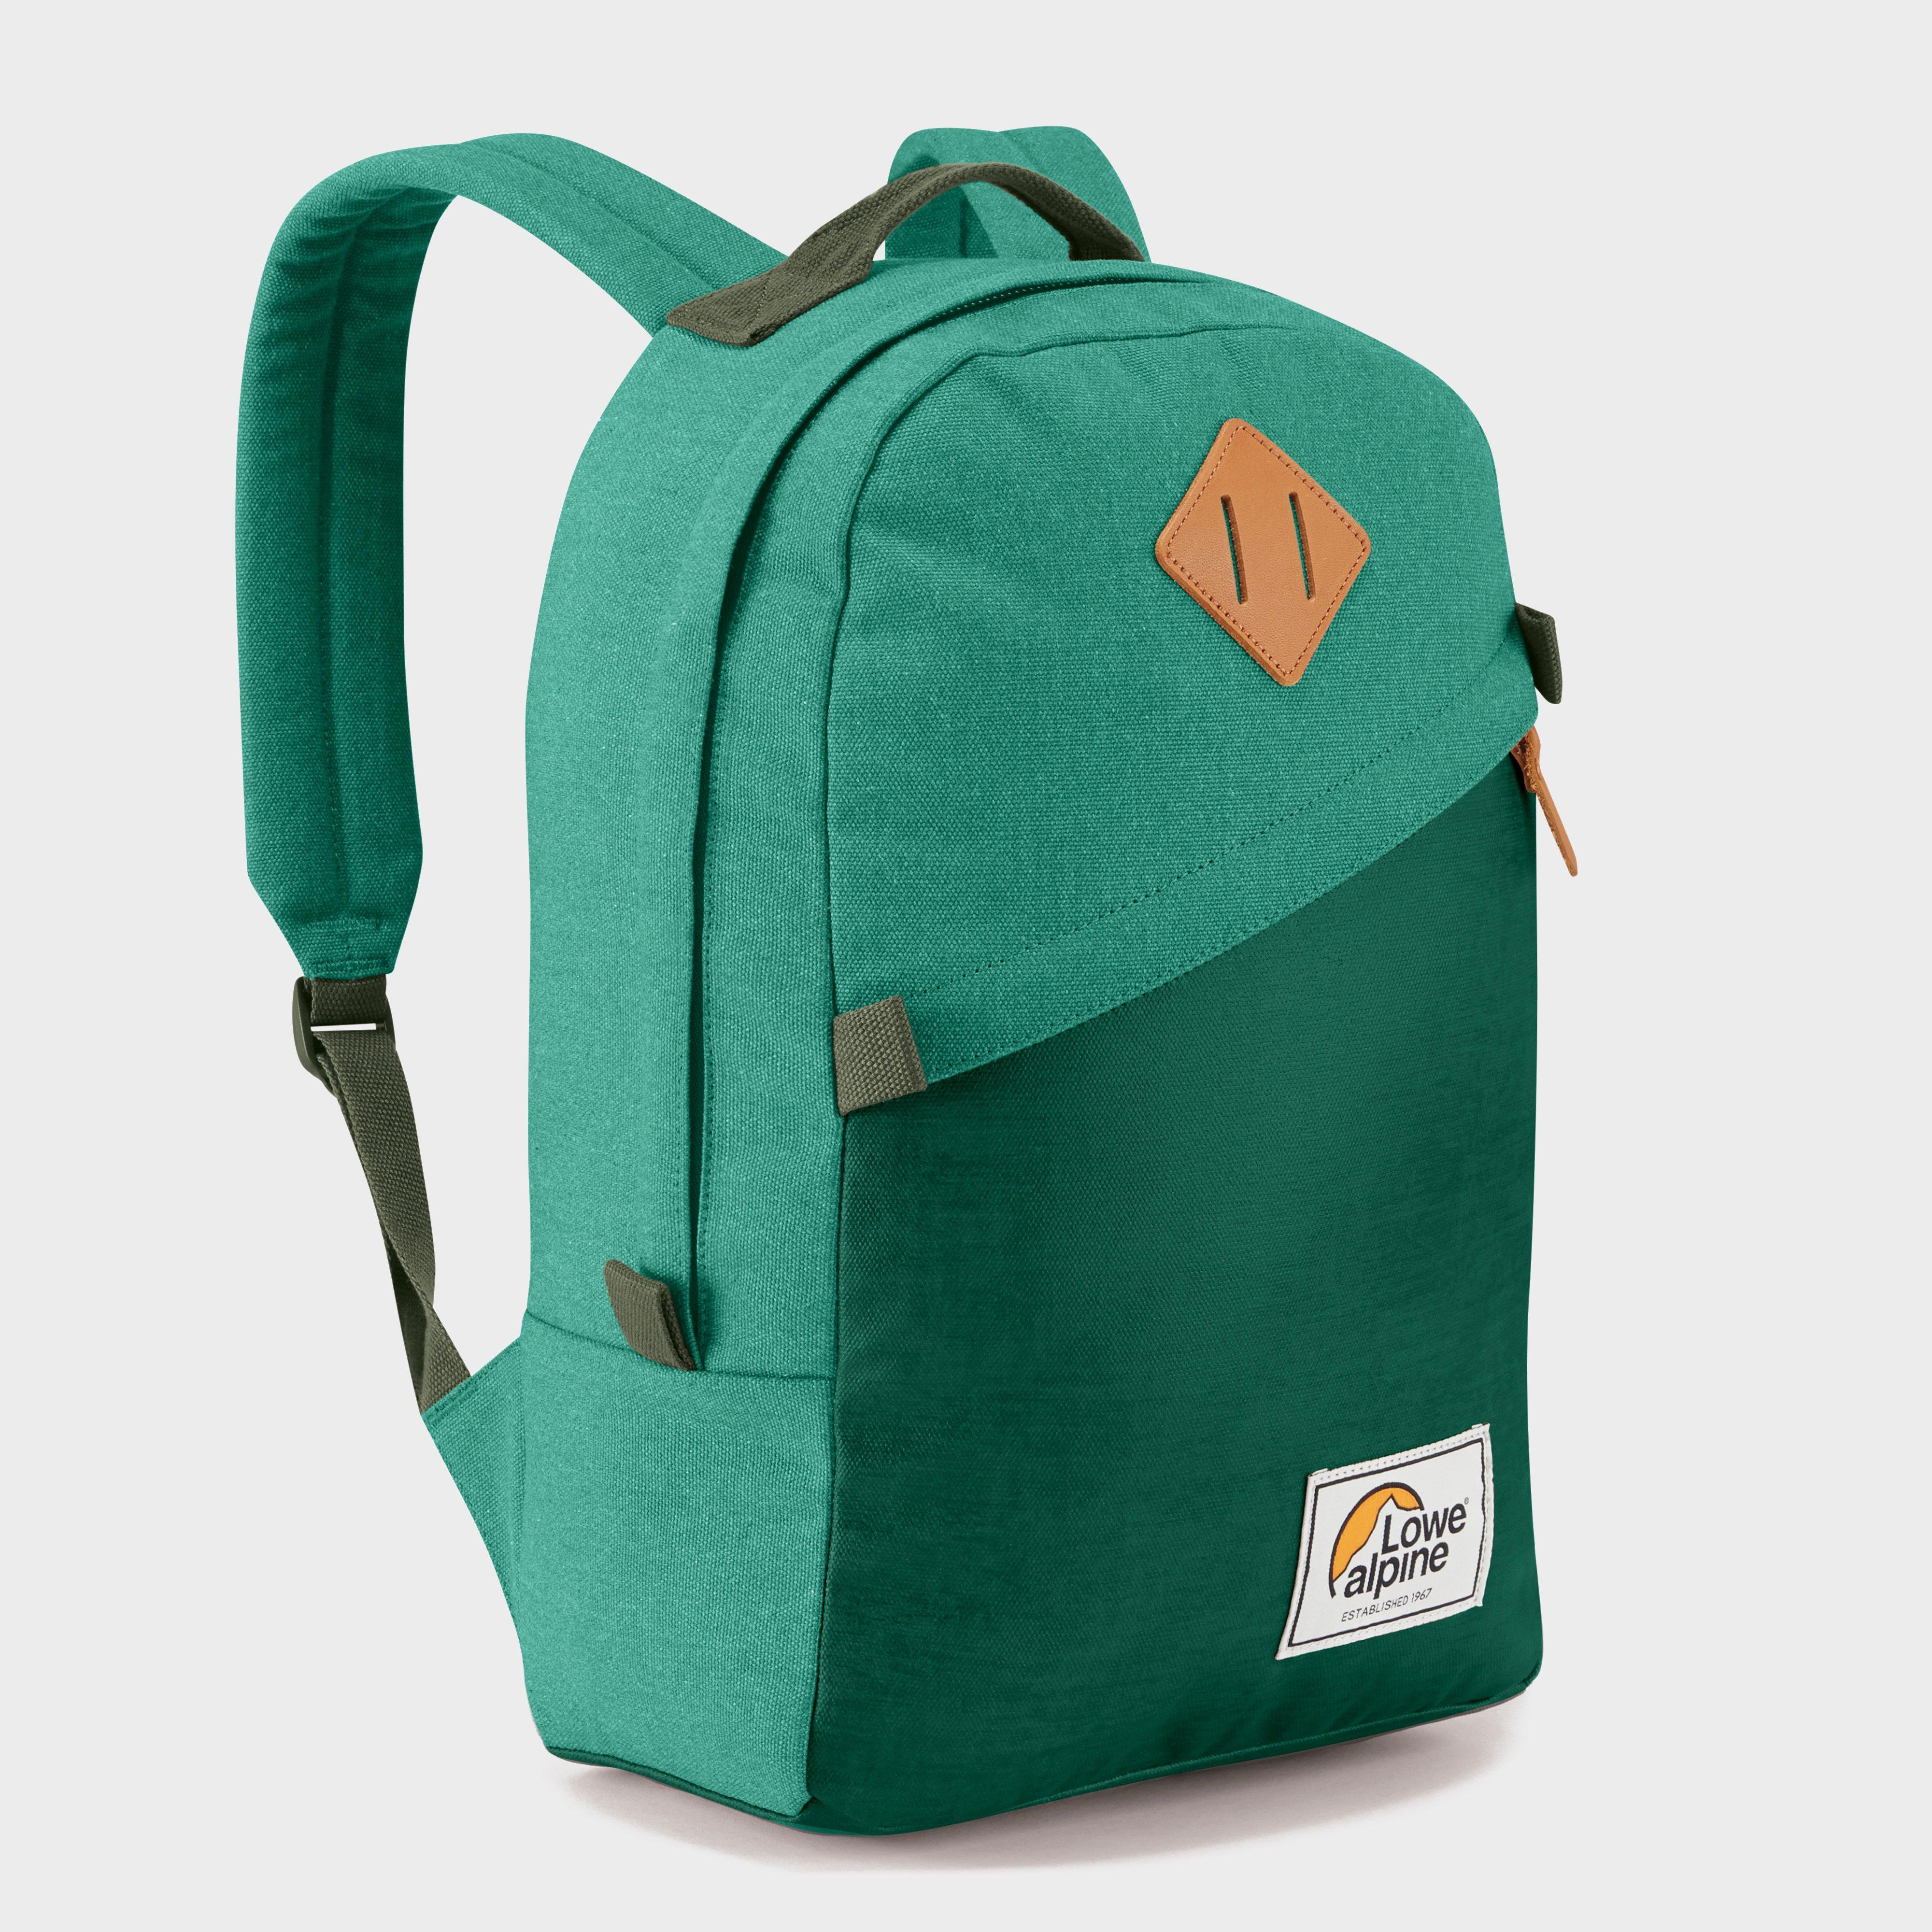 Lowe Alpine Lowe Alpine Adventurer 20 Backpack - Green, Green